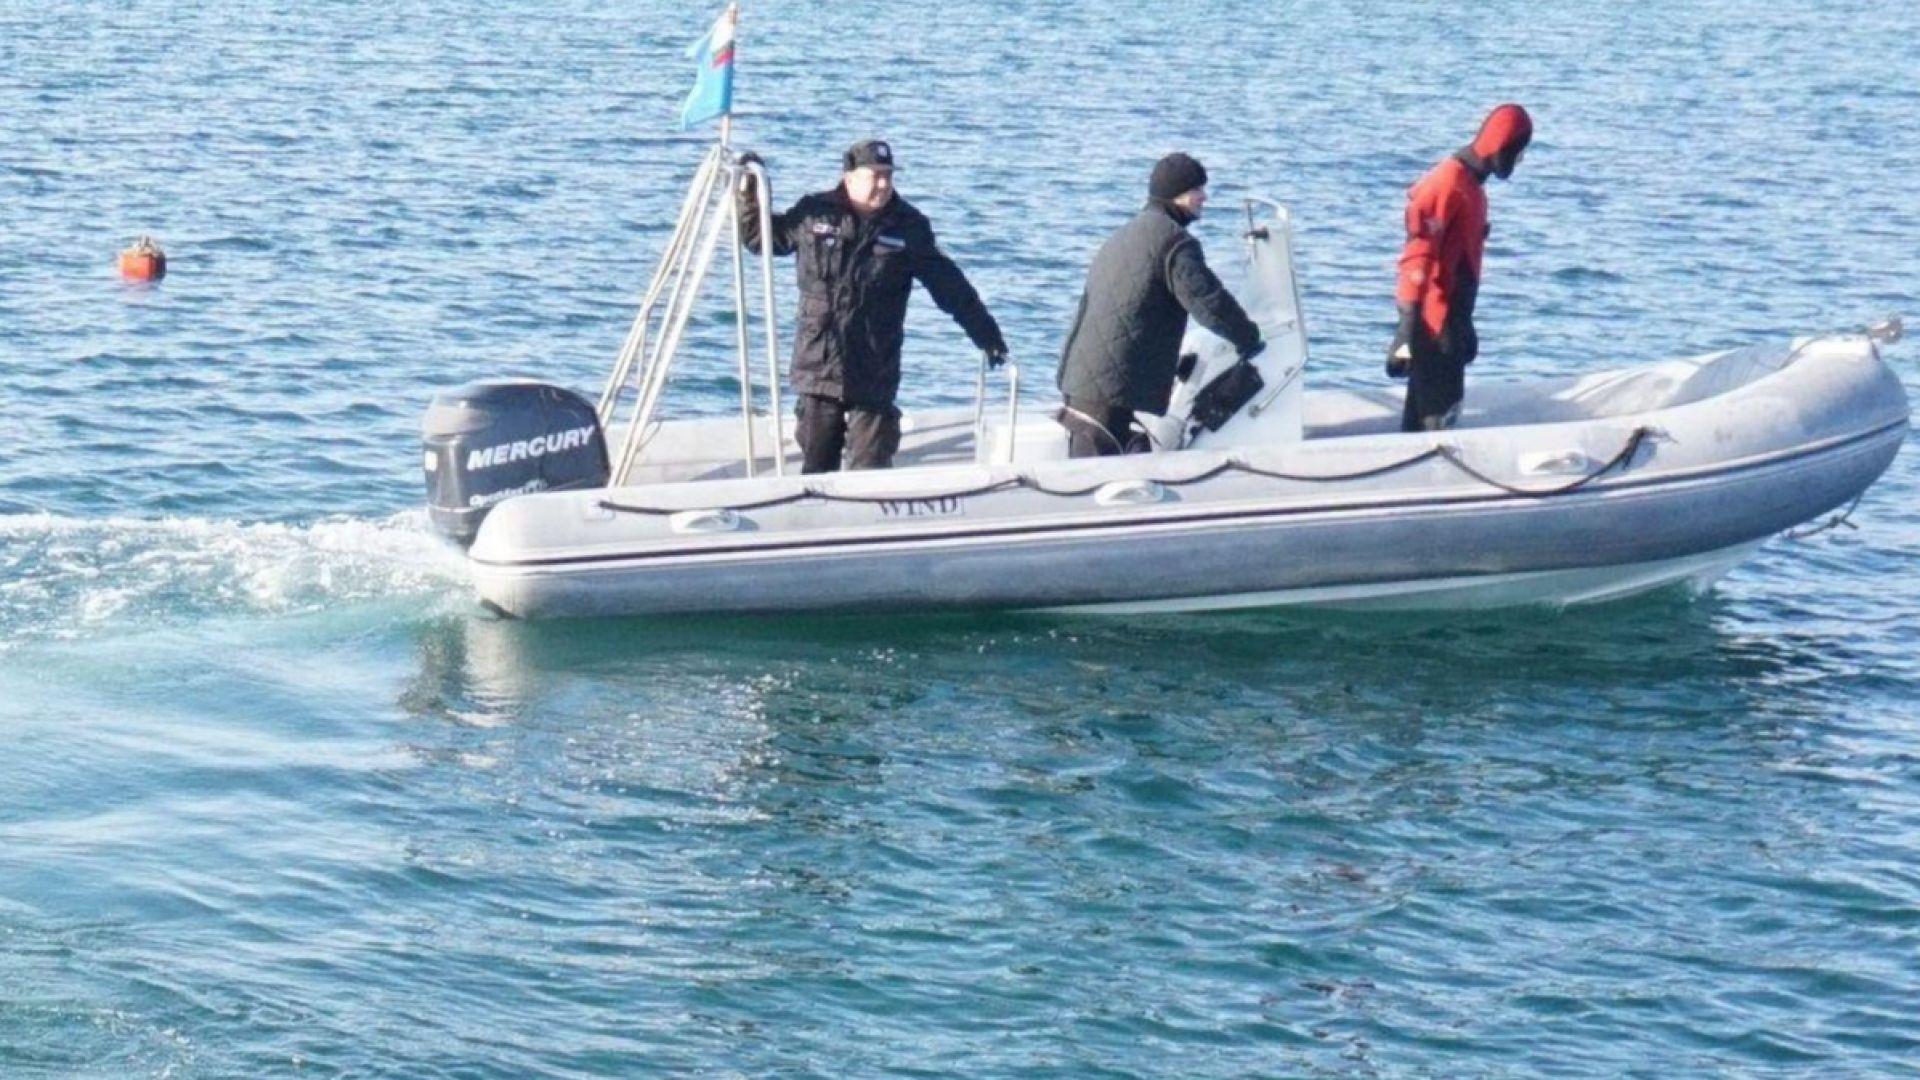 53-годишен мъж от Ямбол се удави край Синеморец, съобщи Областната